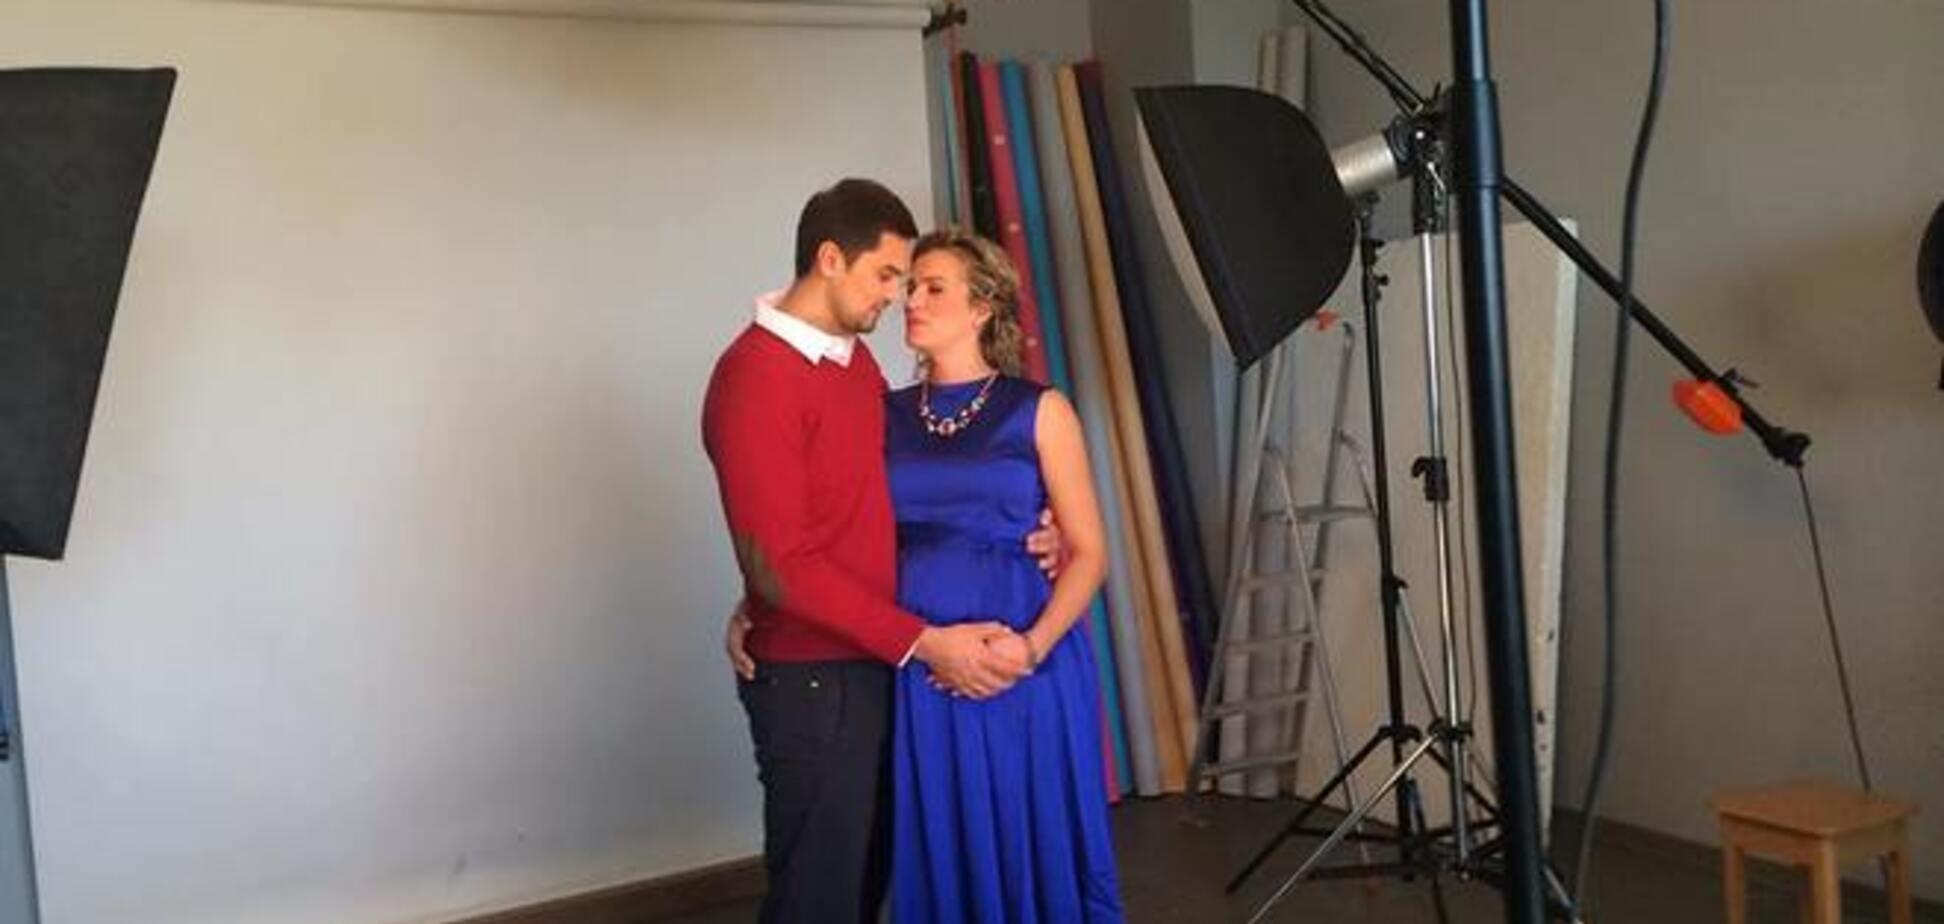 Олимпийская чемпионка Украины снялась в романтической фотосессии